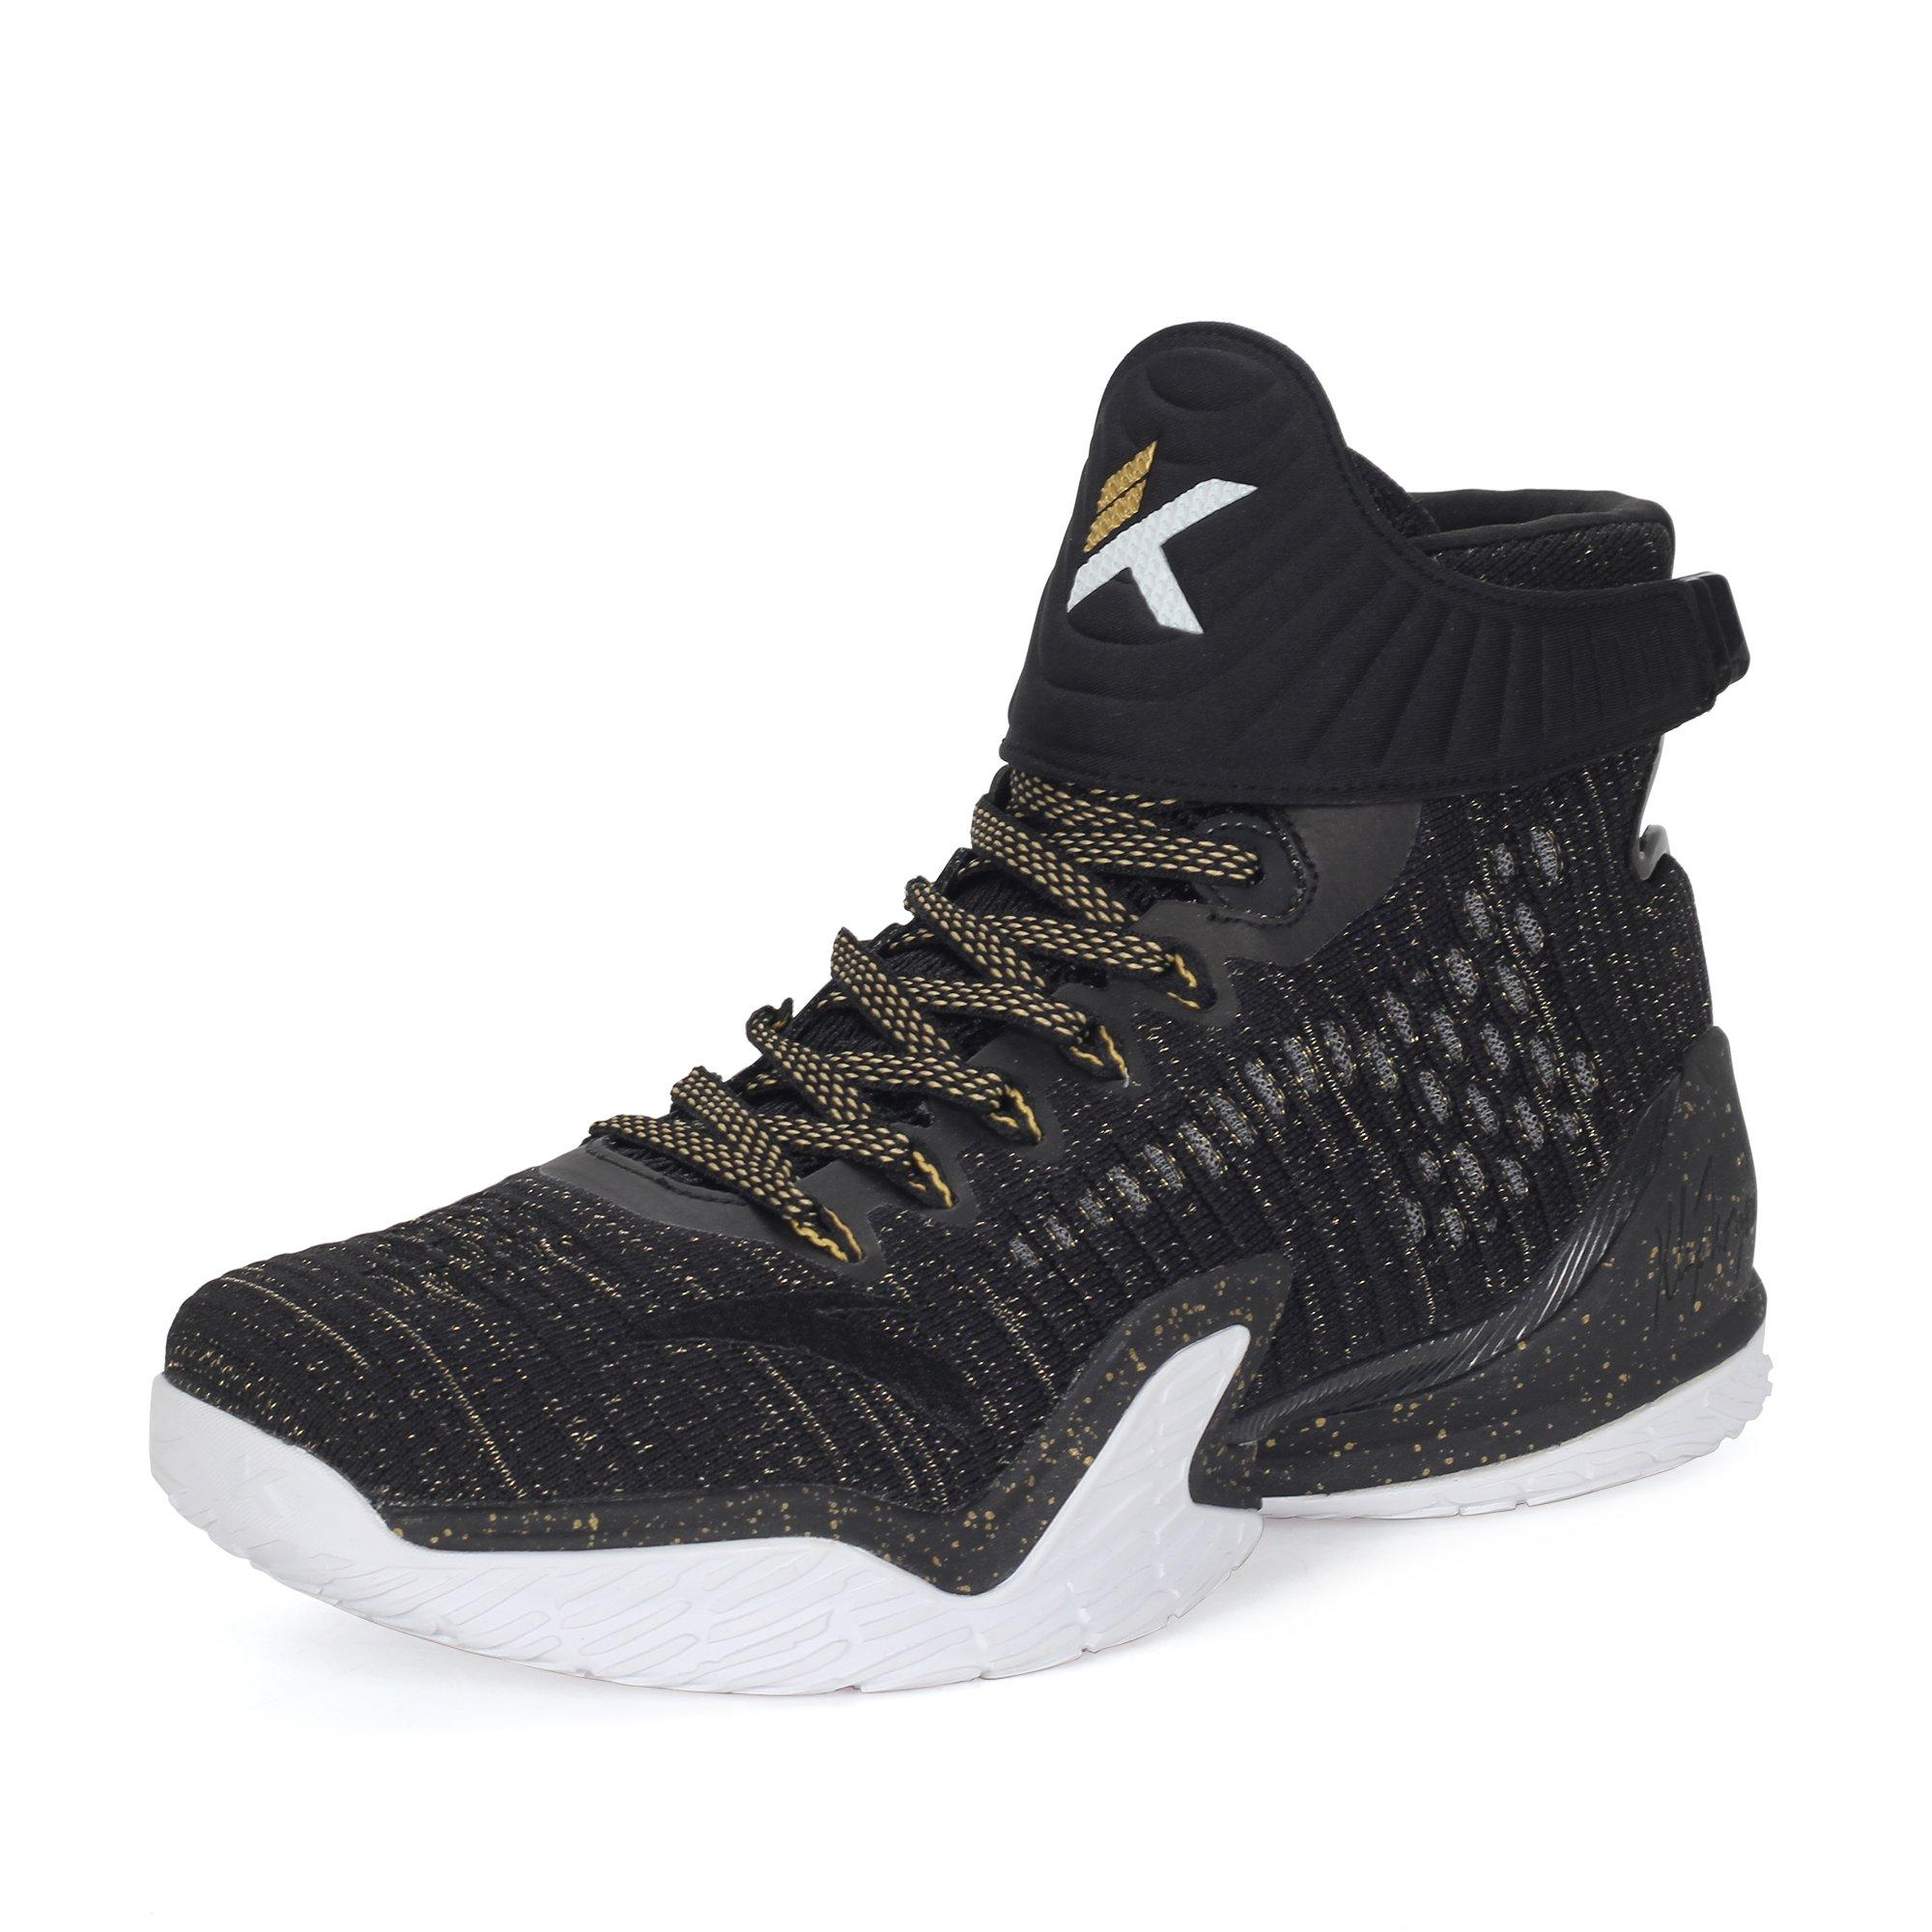 ANTA 2018 Klay Thompson KT3 Mens Basketball Shoes (10 US) by ANTA